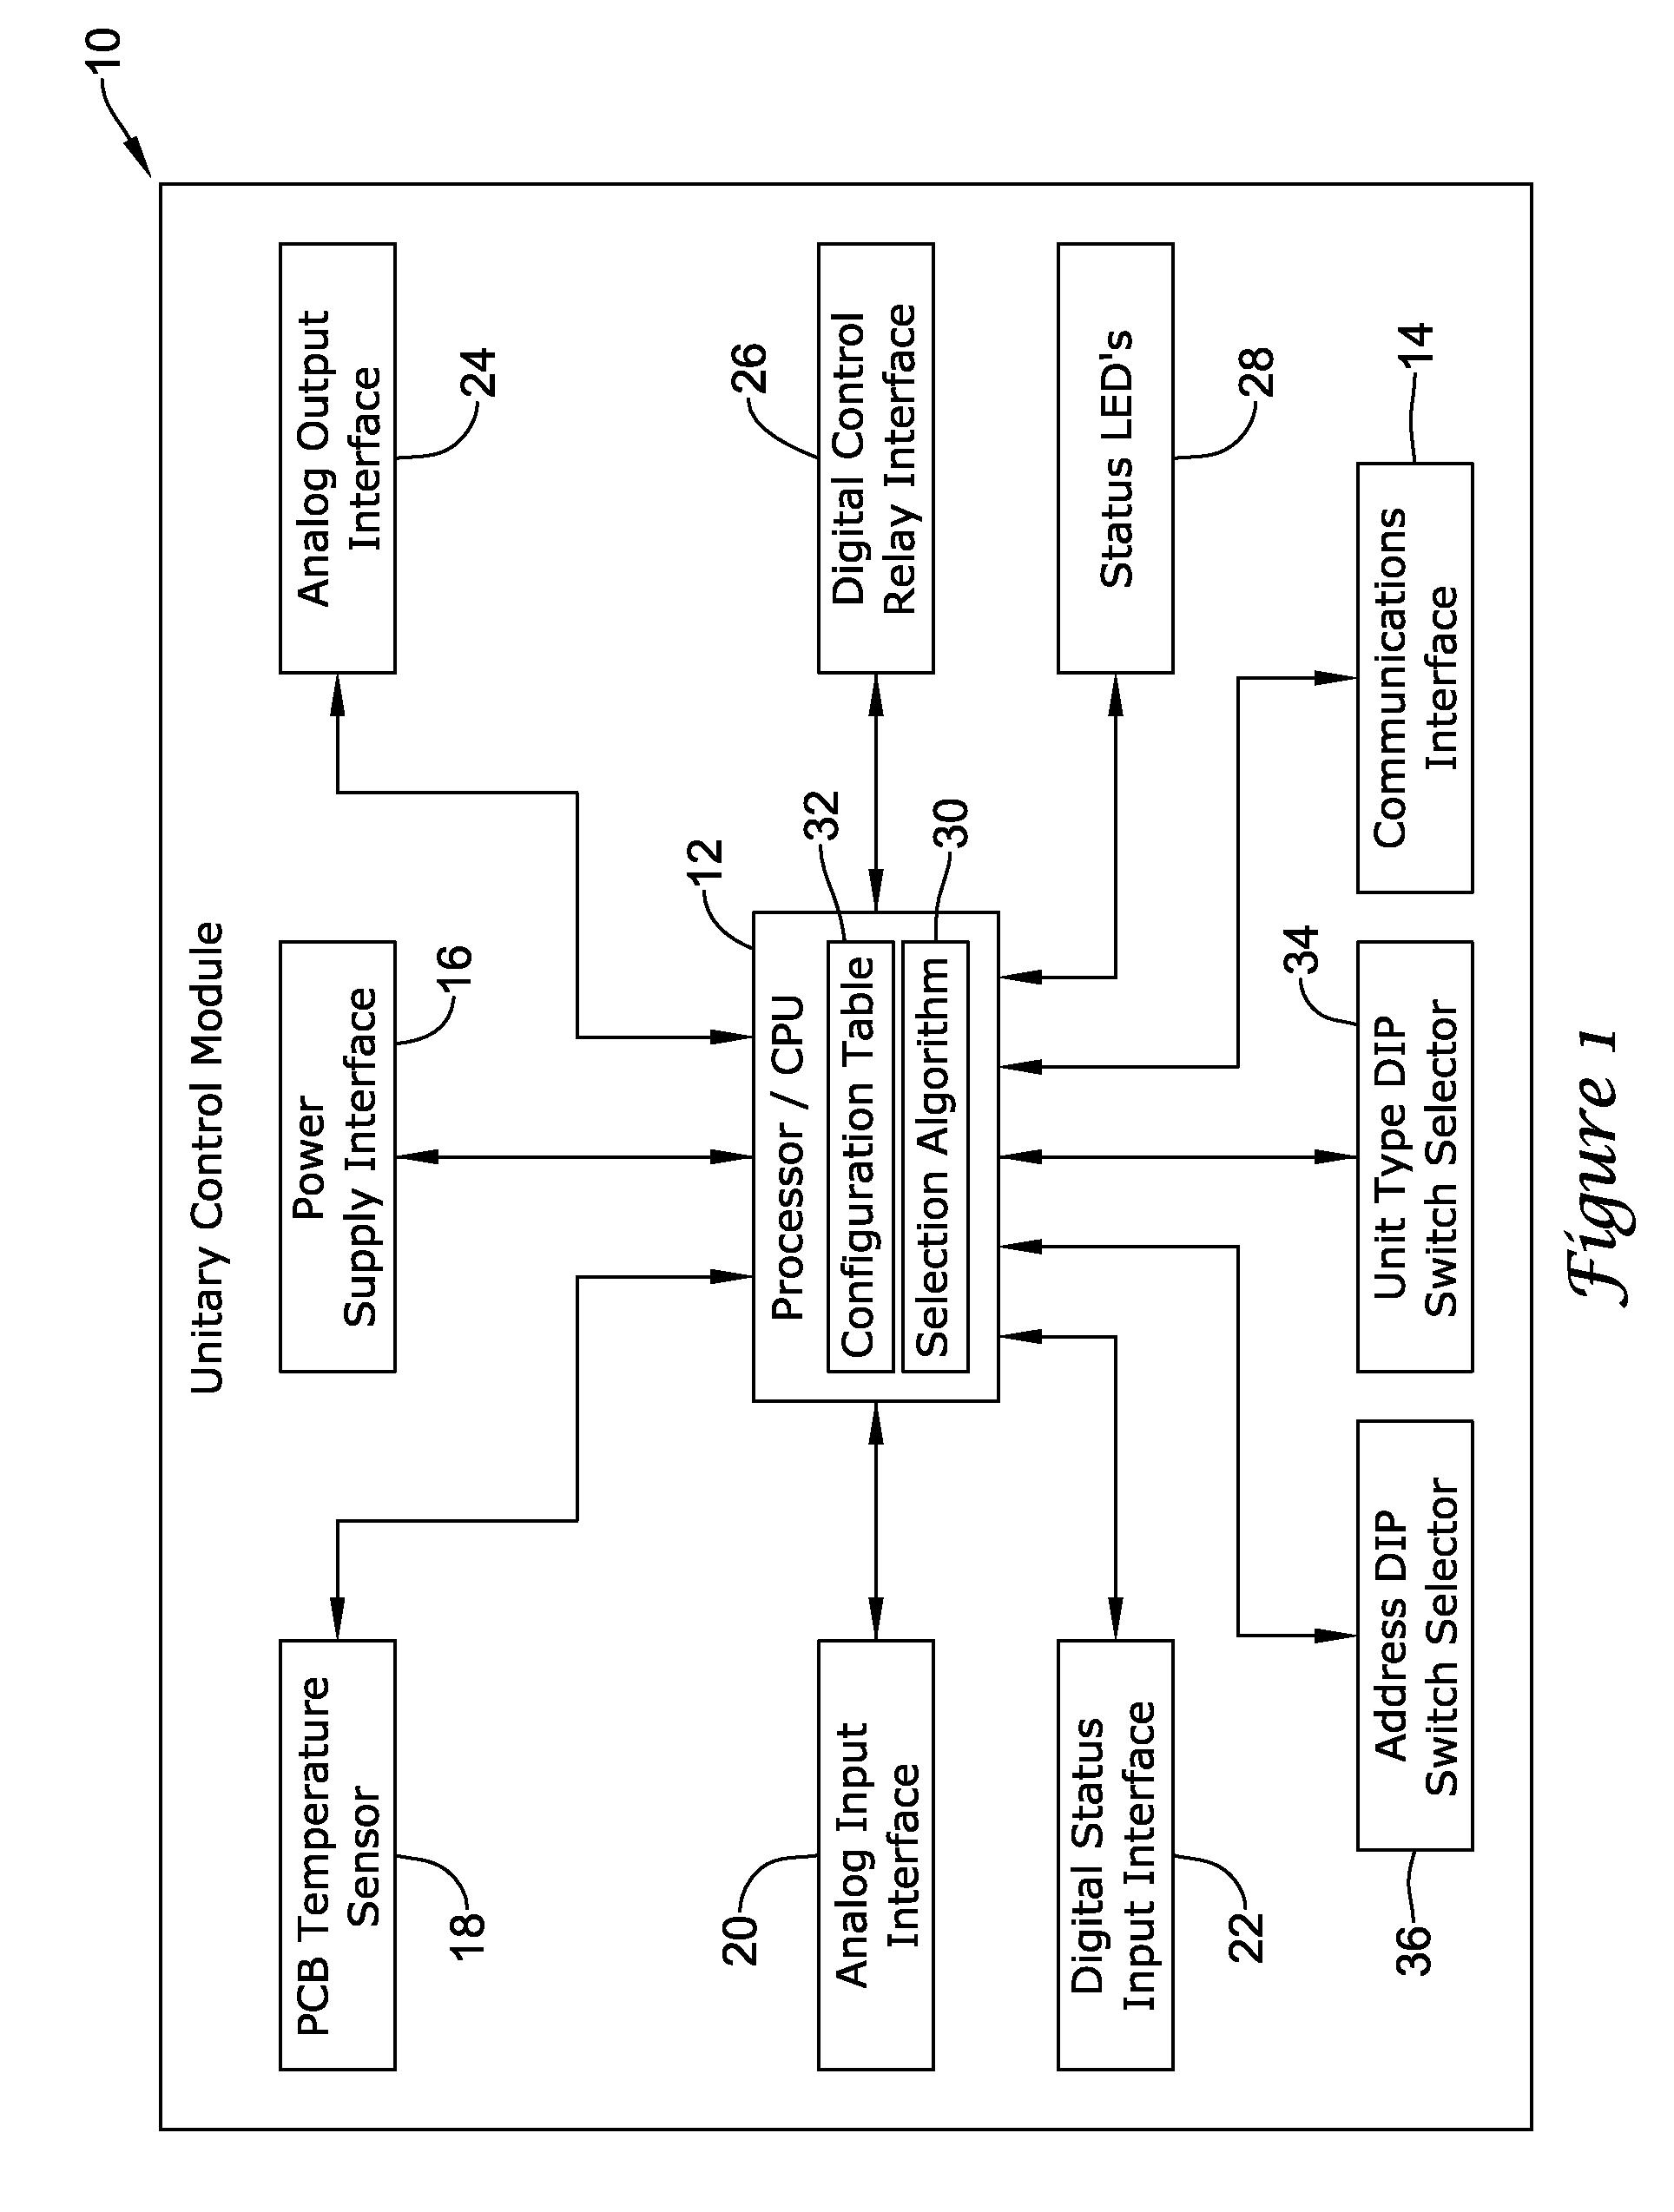 patent us7844764